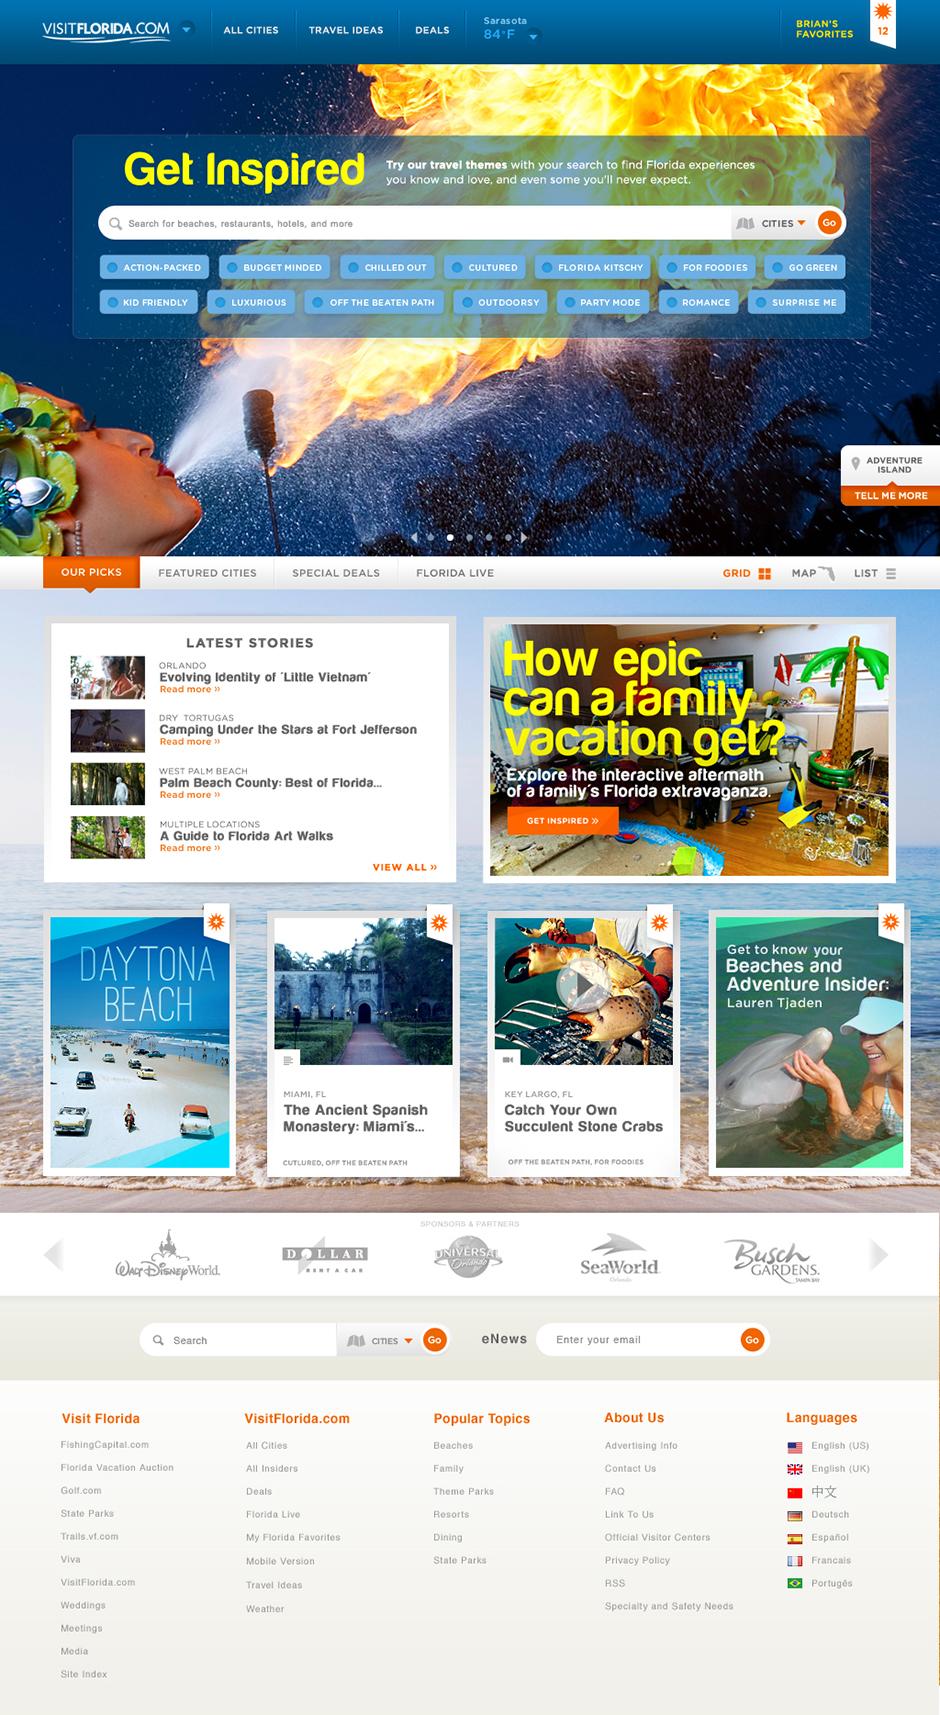 visitflorida.com_home_page